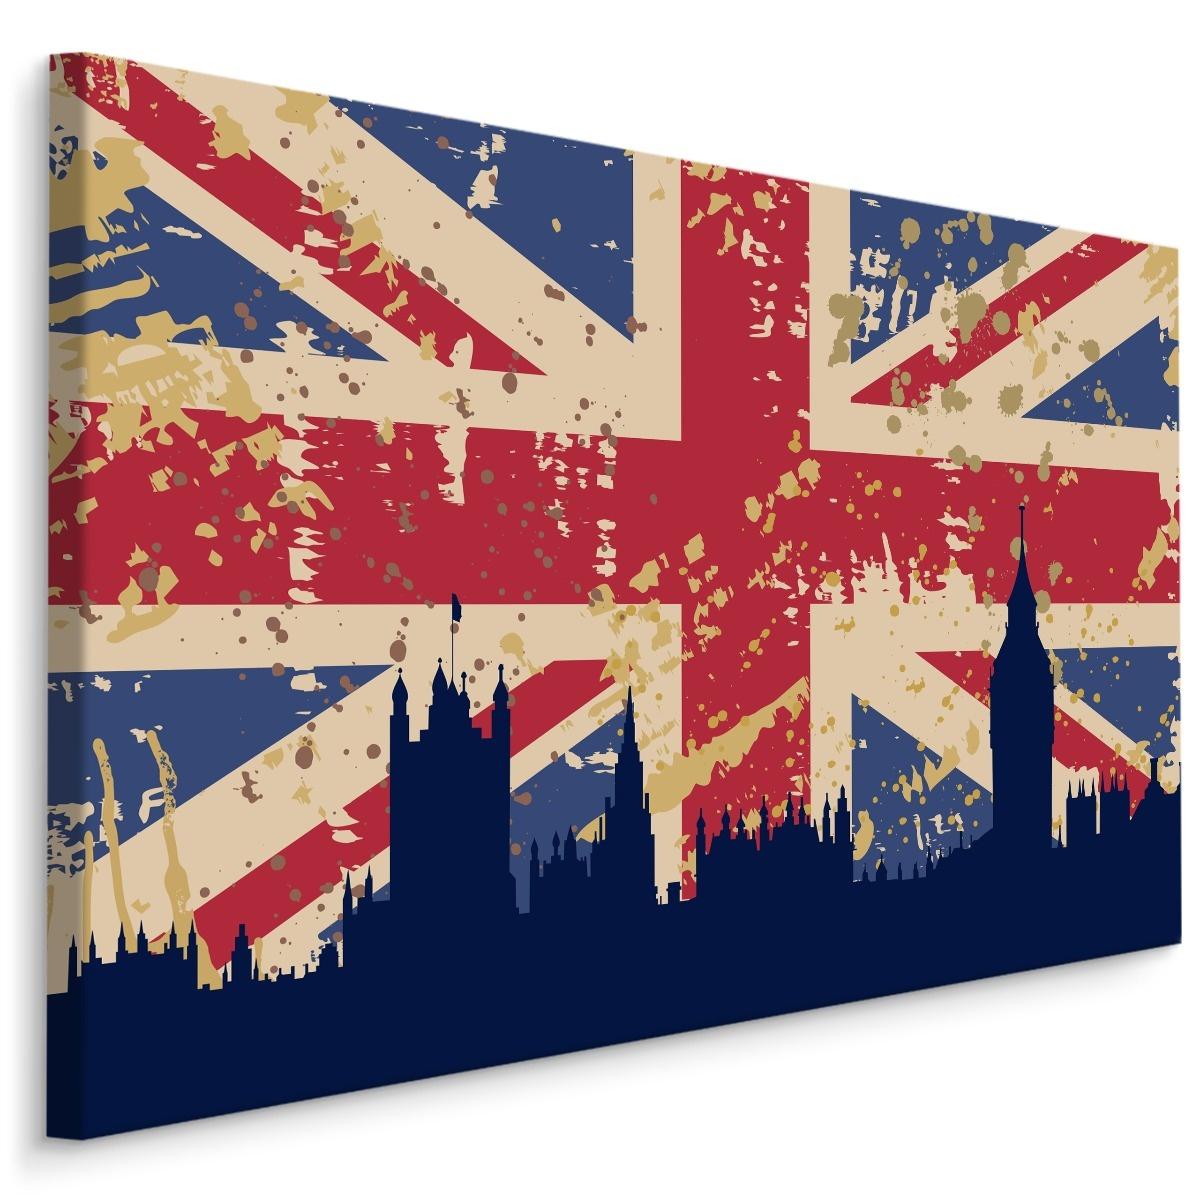 Schilderij - Vlag van Verenigd Koninkrijk en skyline van Londen, blauw/rood, 4 maten, premium print